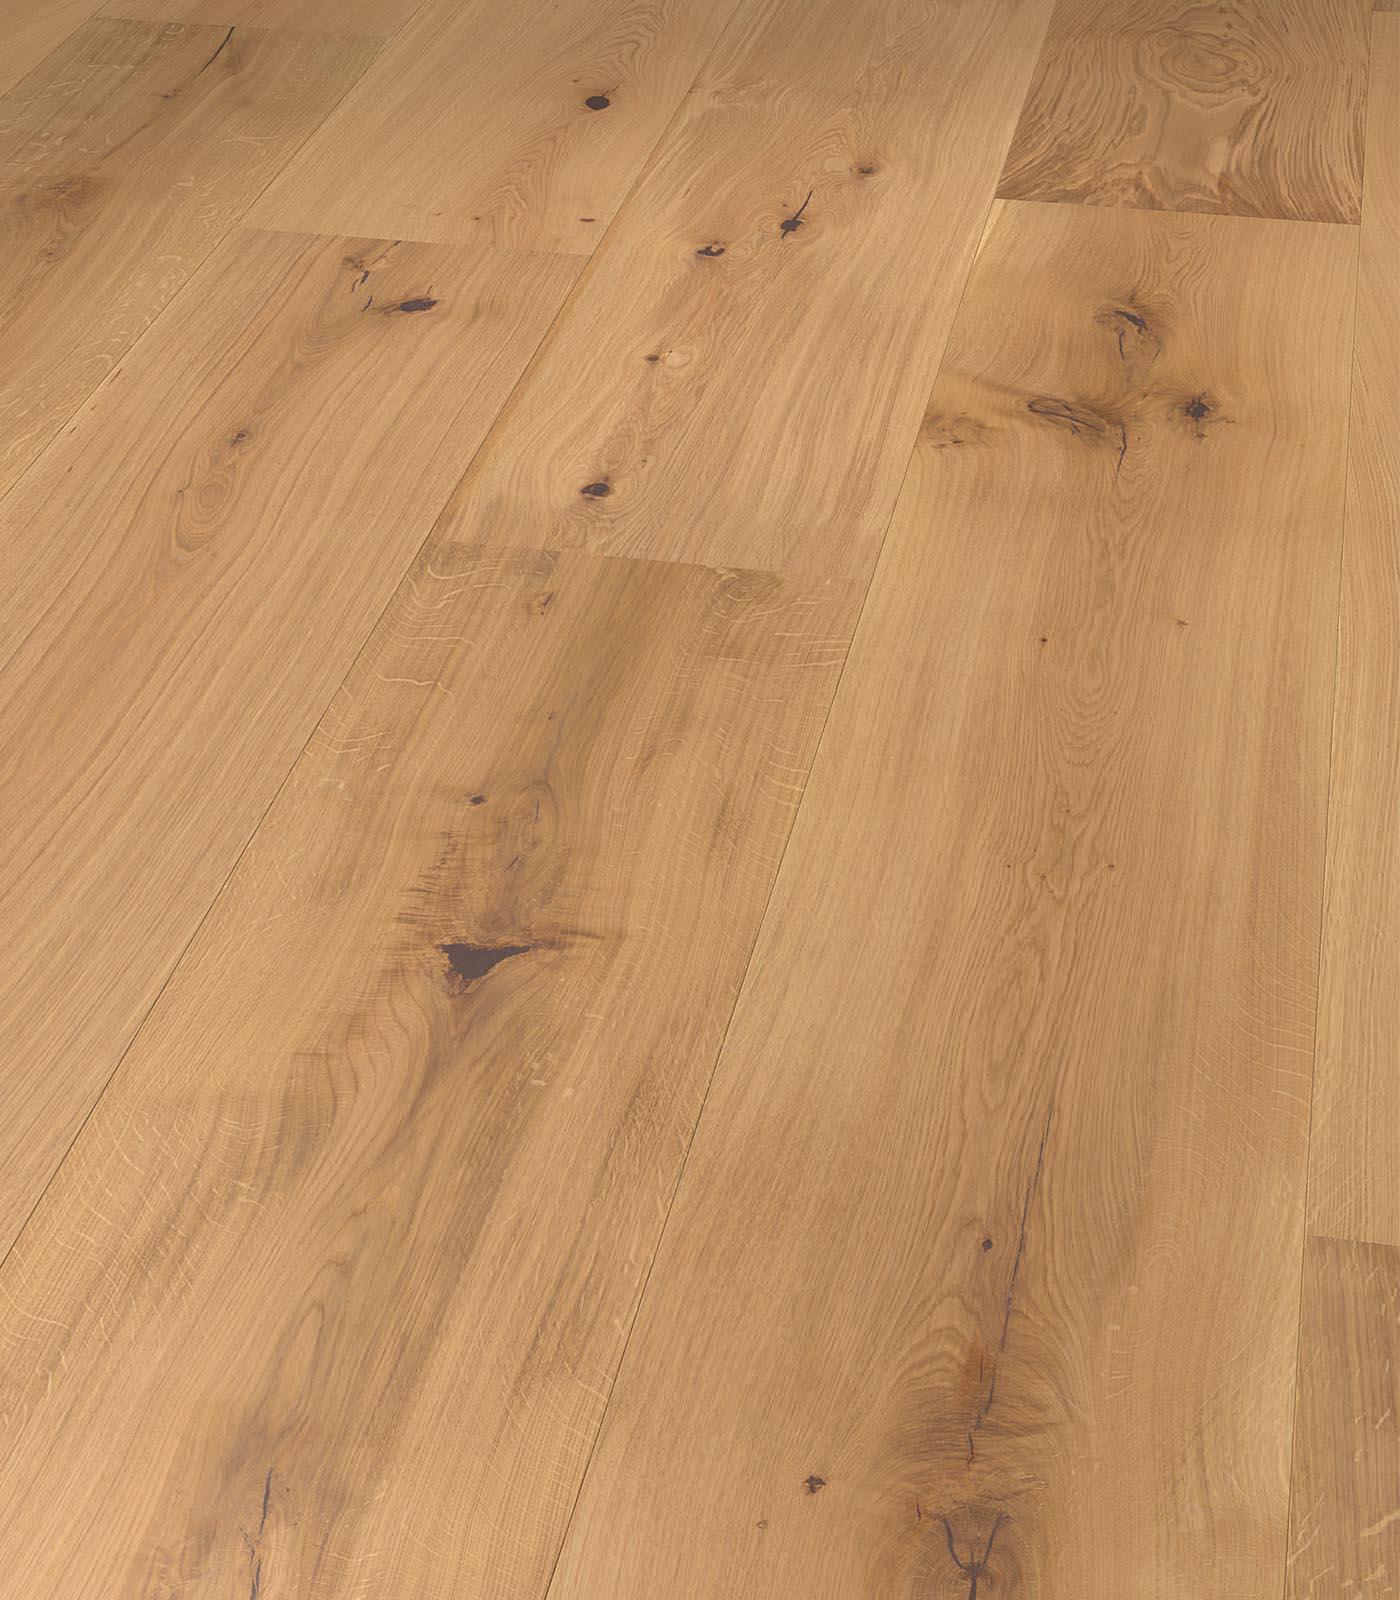 Semi-Fumed-European-Oak-Floors-Origins-Collection-angle